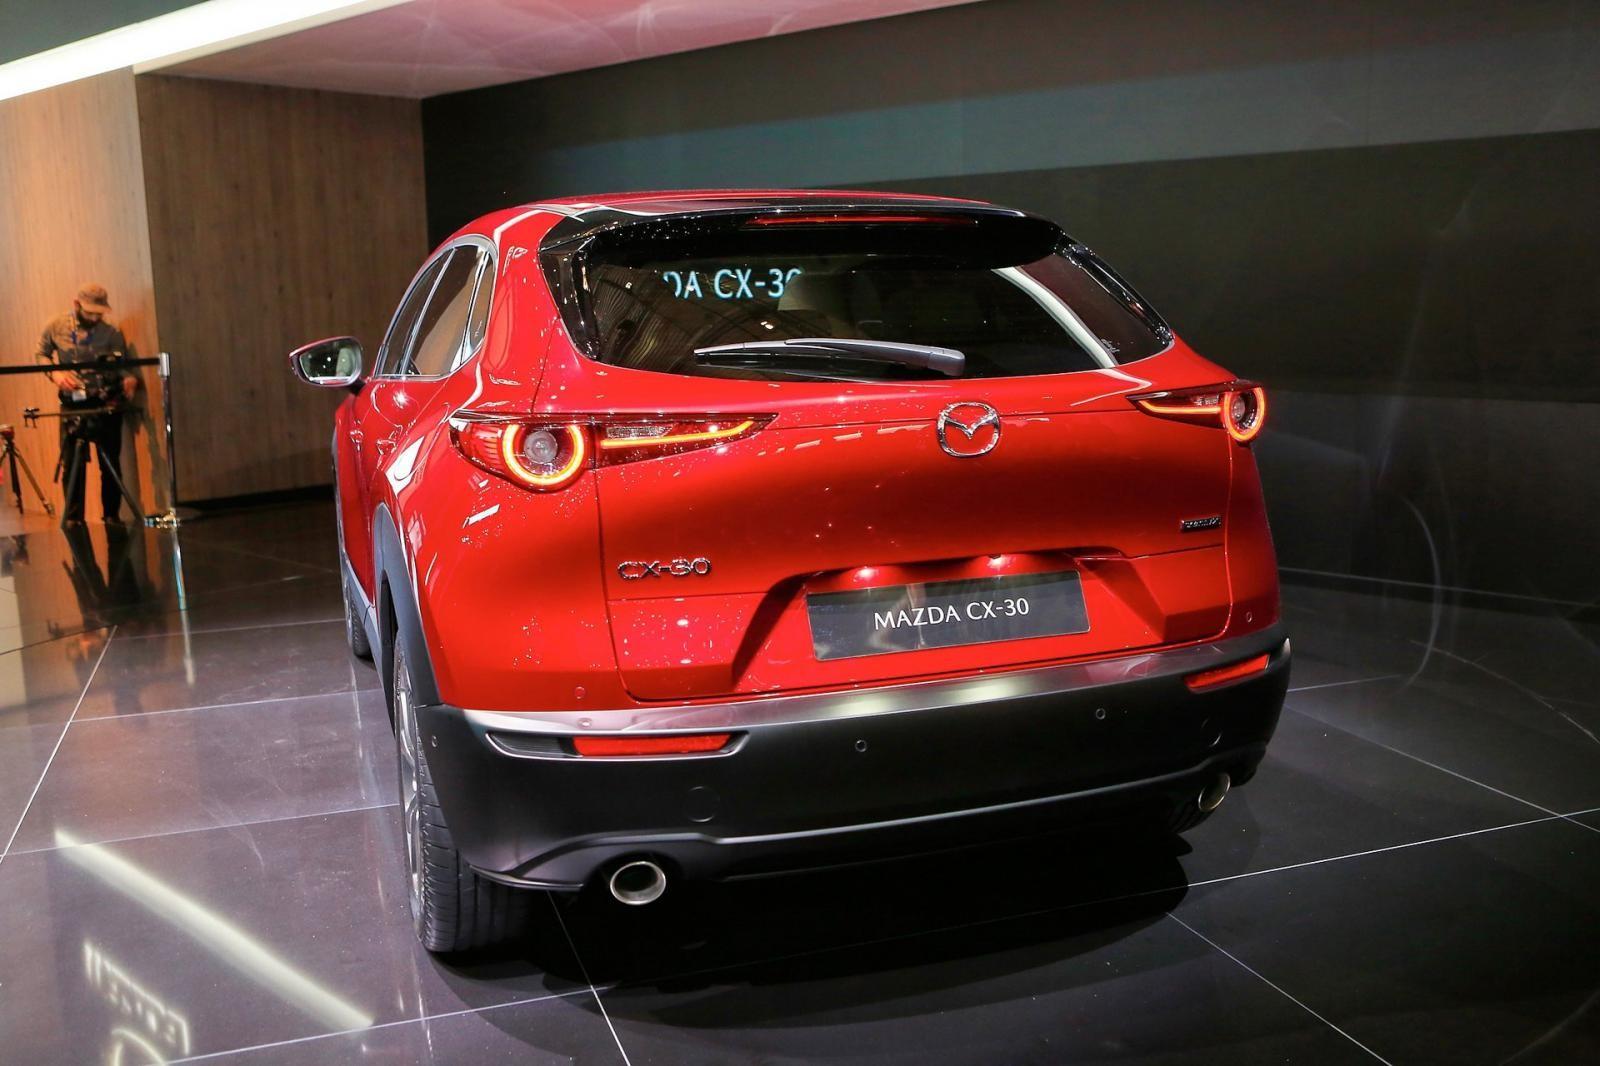 Mazda CX-30 có hệ dẫn động 4 bánh toàn thời gian tùy chọn